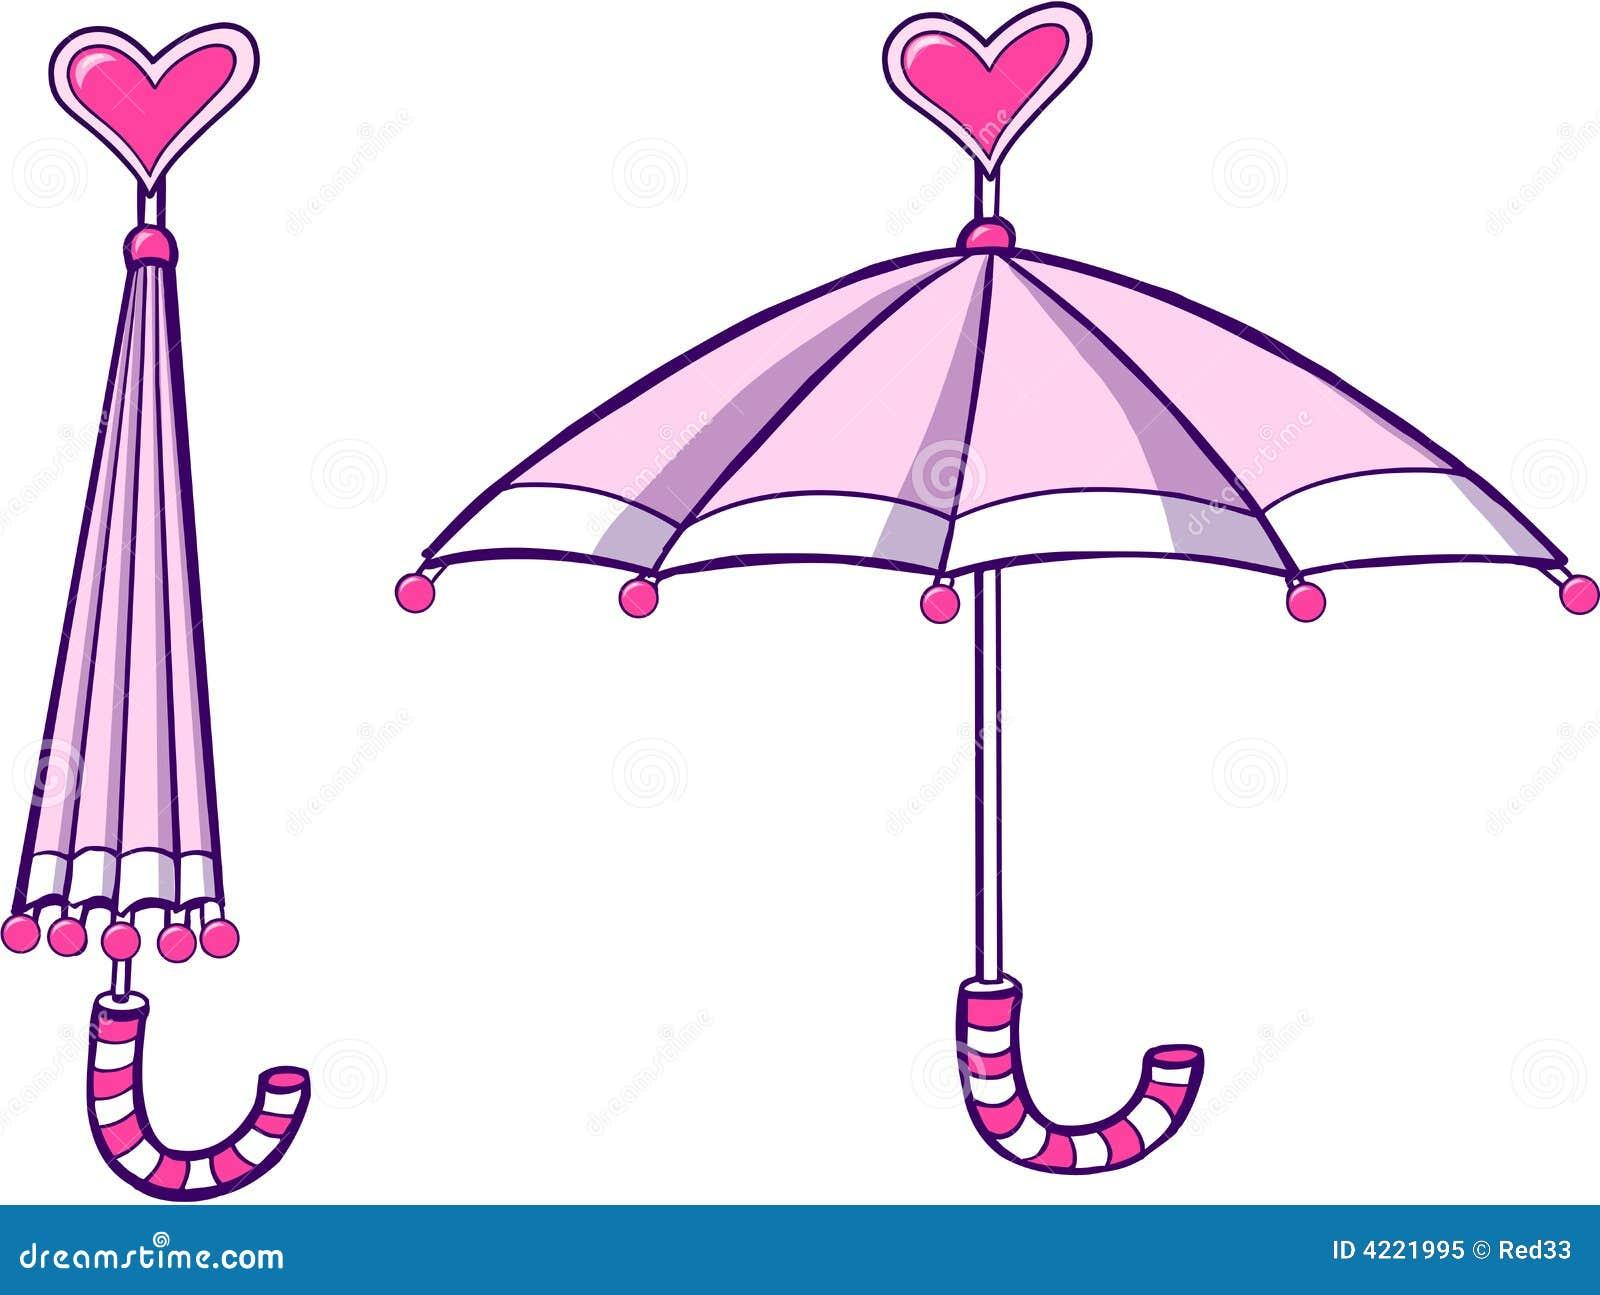 Pink Umbrella Clip Art Umbrella Vector...